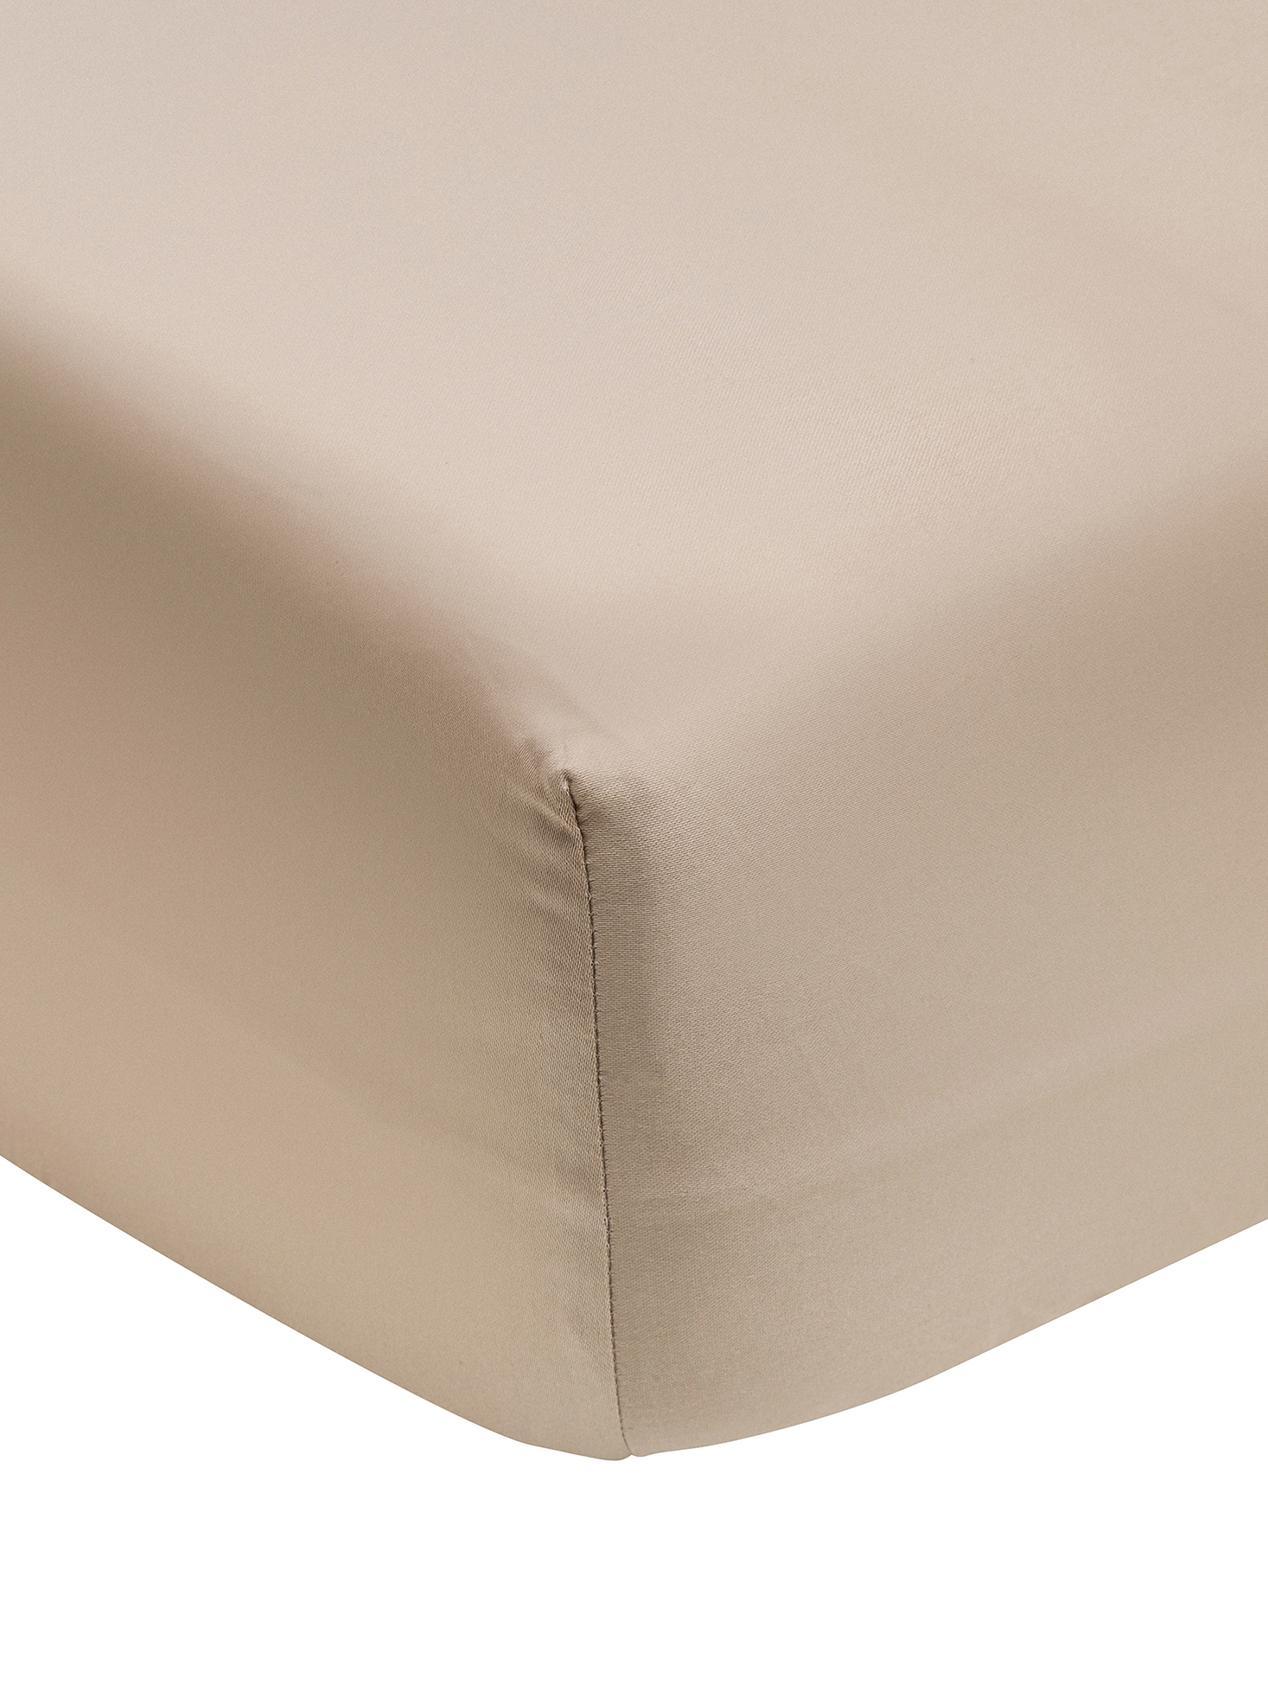 Lenzuolo con angoli in  raso di cotone Premium, Tessuto: raso, leggermente lucido, Taupe, Larg. 90 x Lung. 200 cm